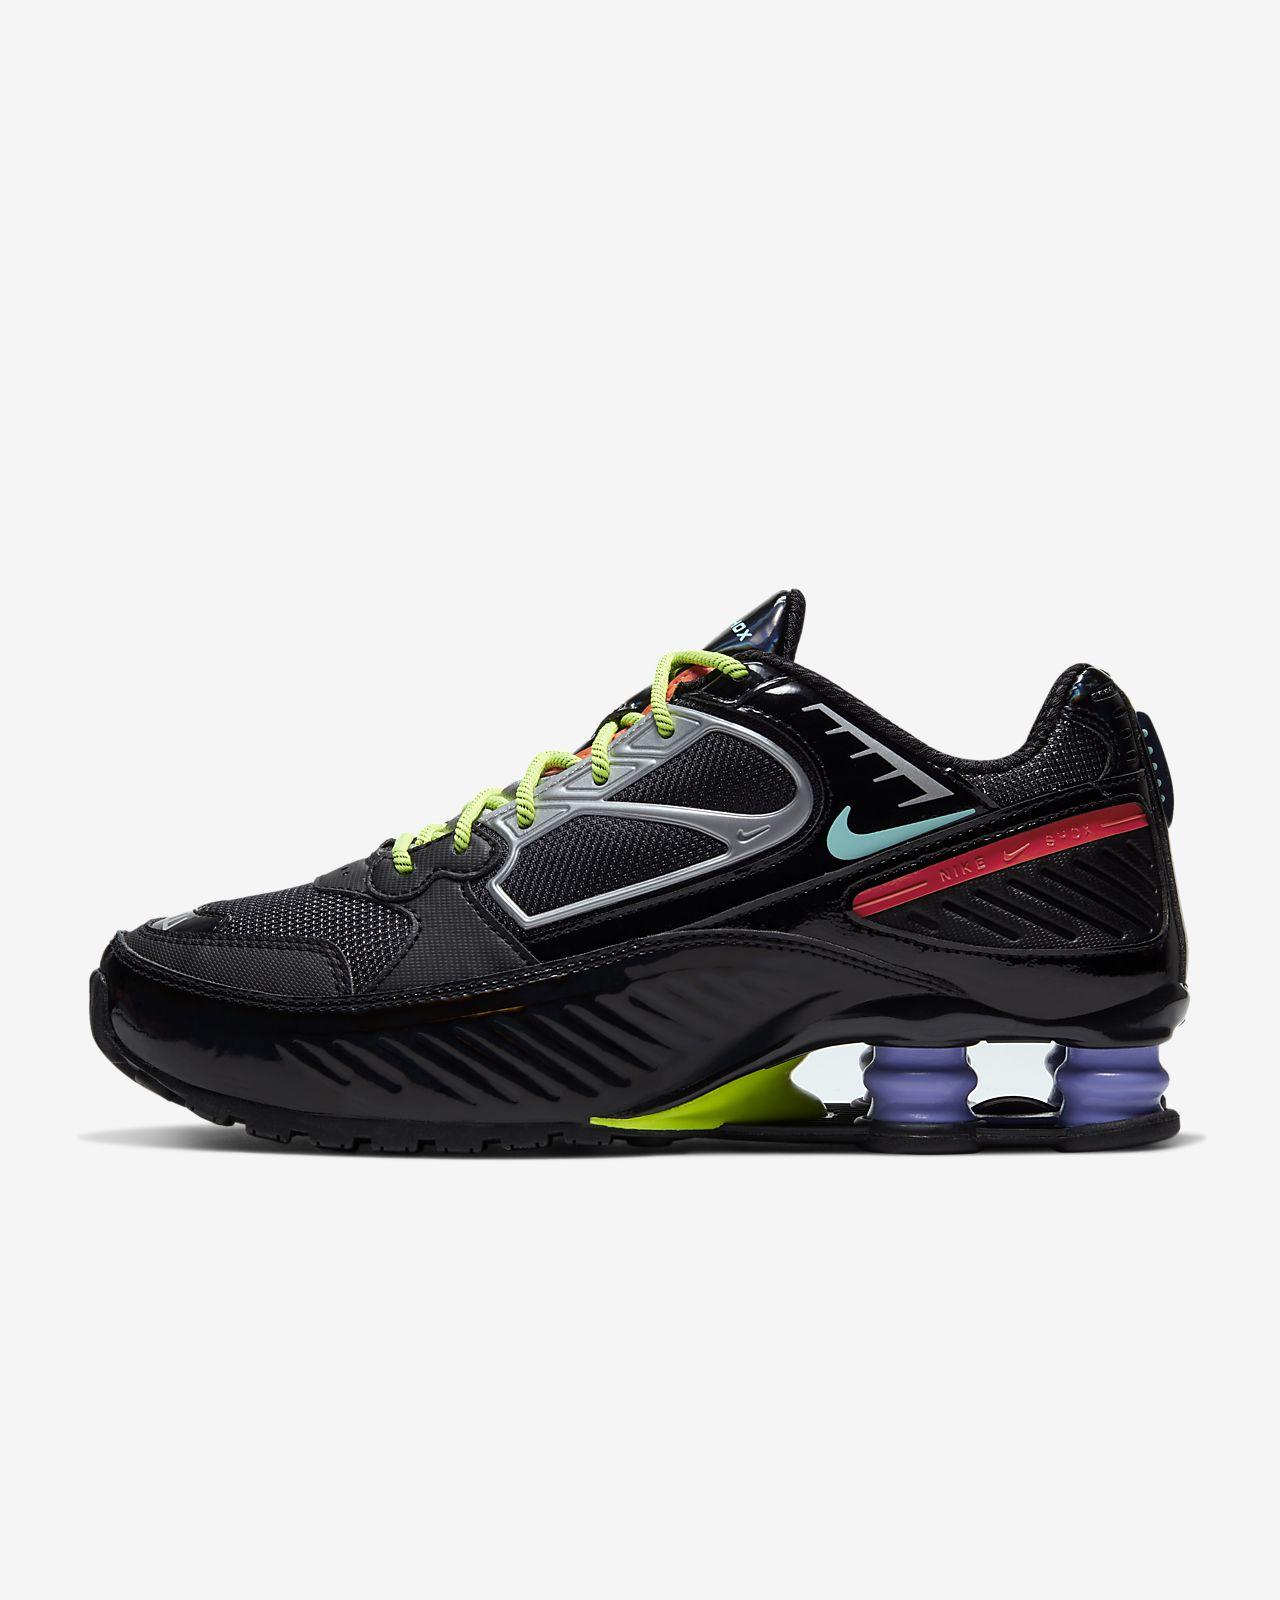 Nike Shox Enigma Women's Shoe